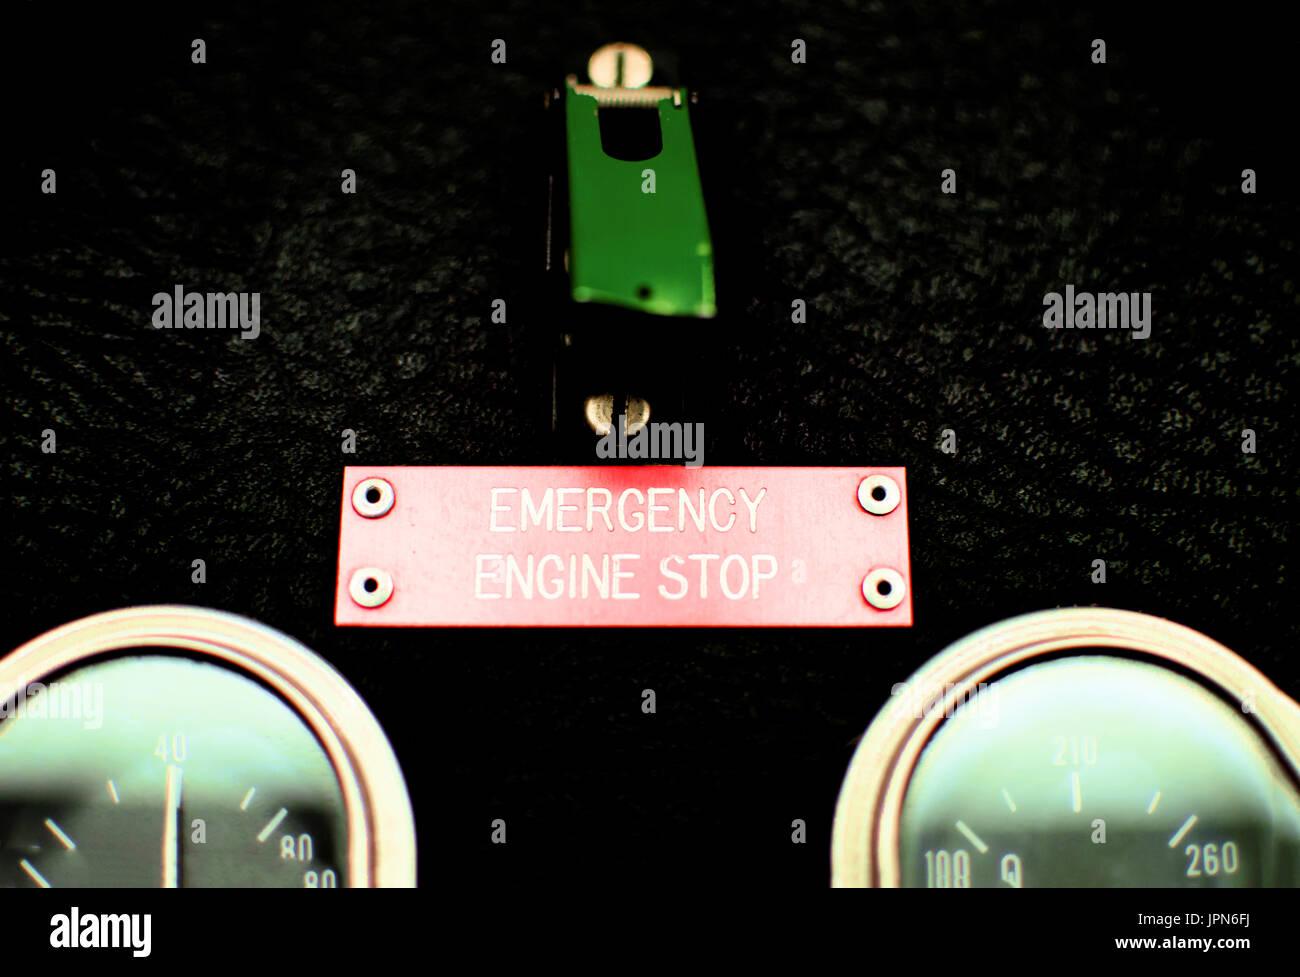 Un interruptor de parada de emergencia del motor antiguo con una tapa verde y manómetros. Imagen De Stock